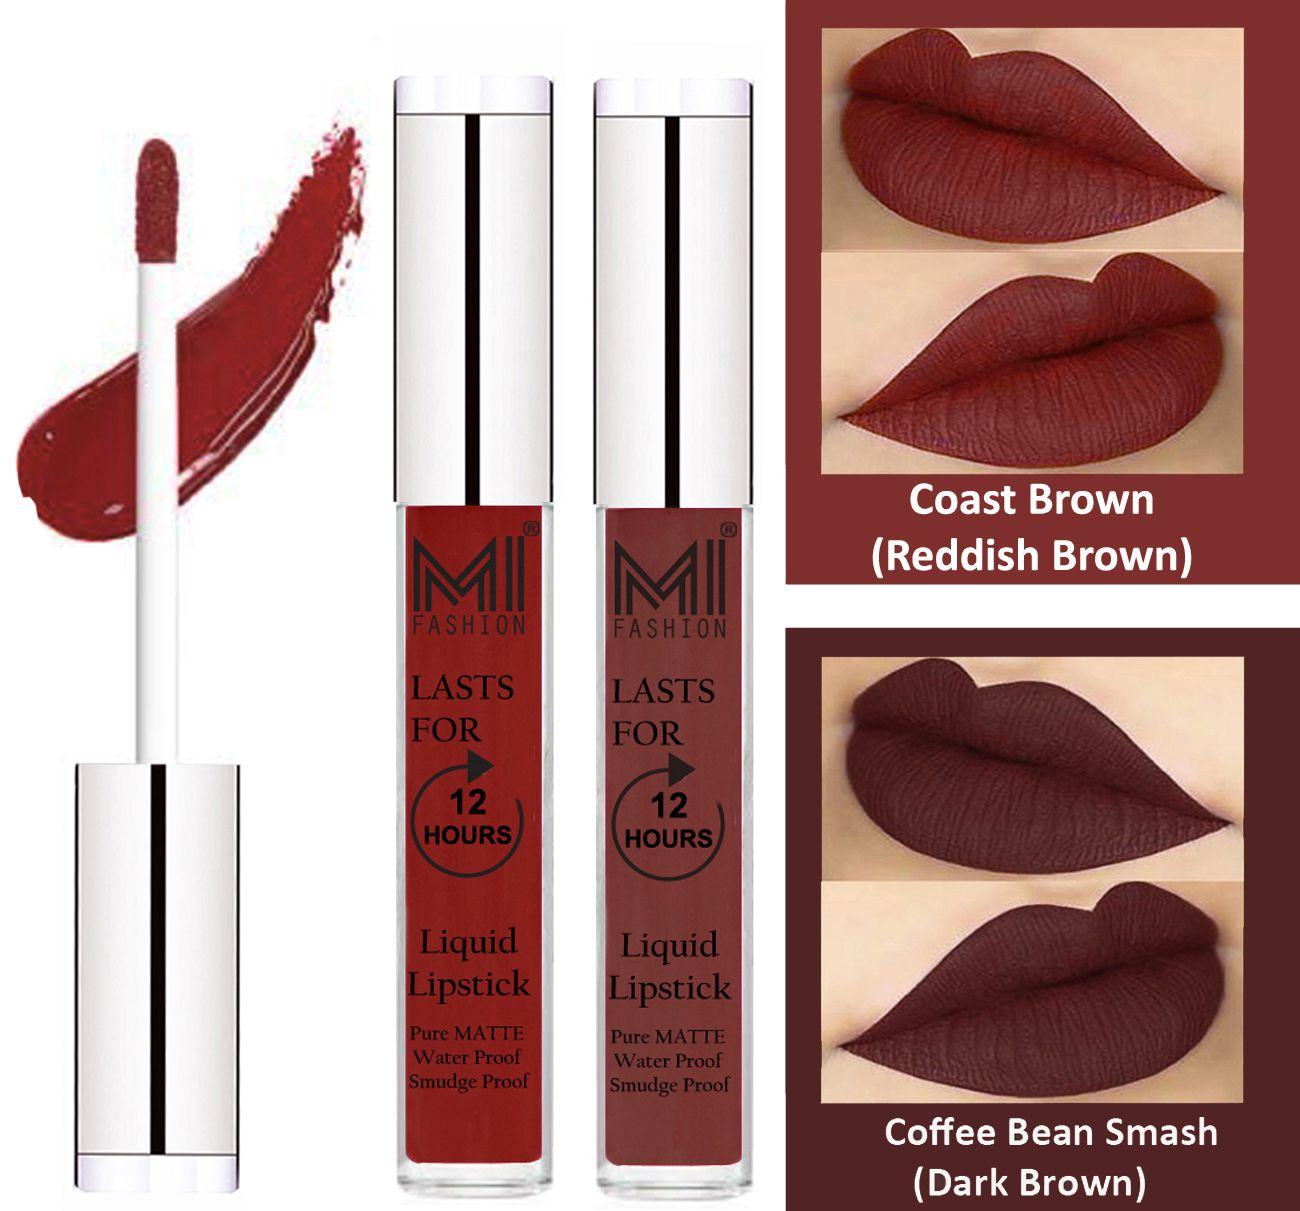 MI FASHION Liquid Lipstick Coast Brown,Dark Brown 3 ml Pack of 2